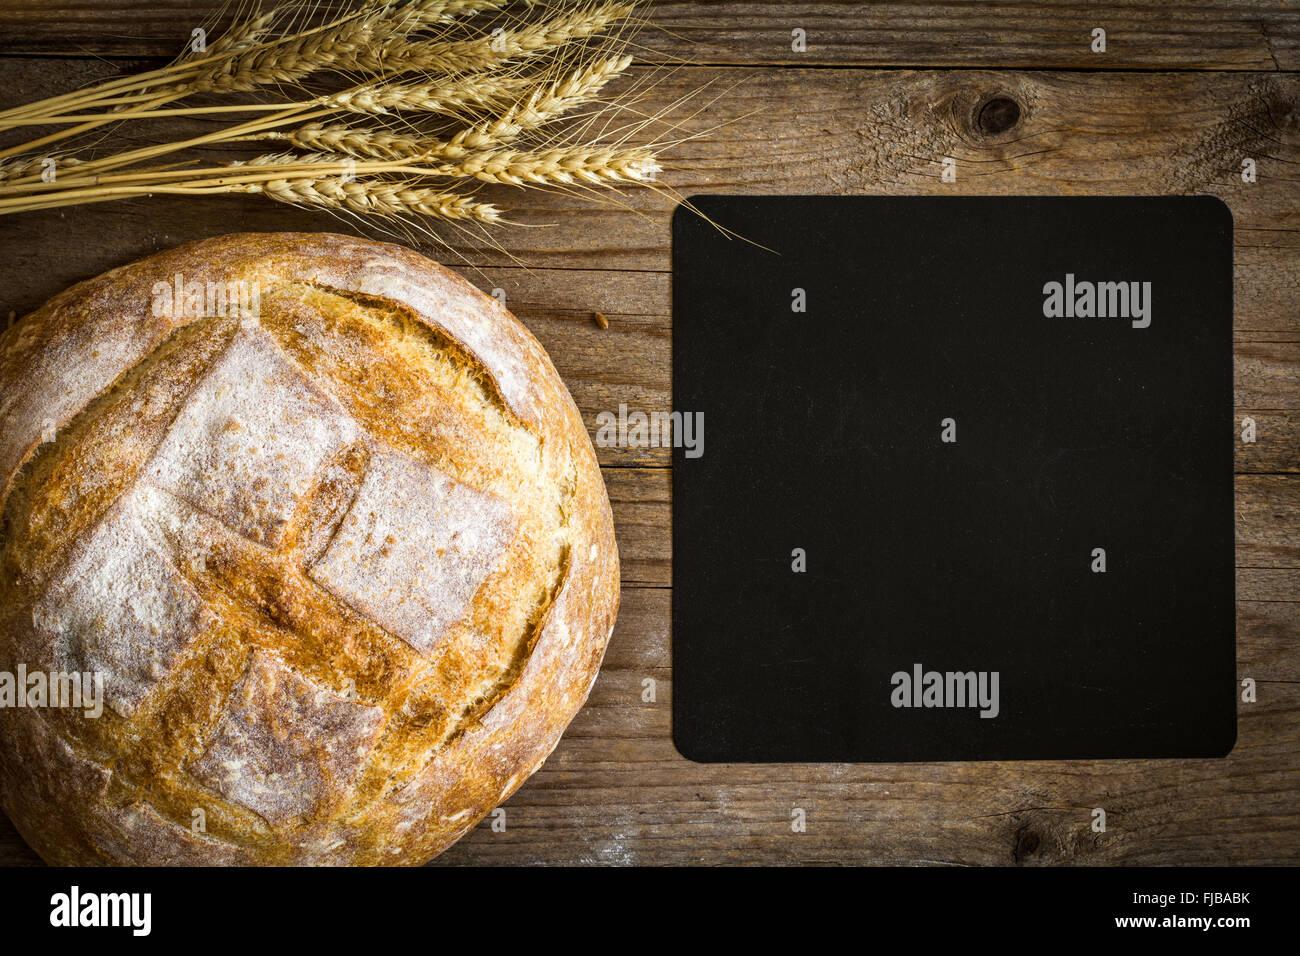 Pizarra, hogaza de pan de trigo y oídos sobre fondo de madera, vista superior Imagen De Stock